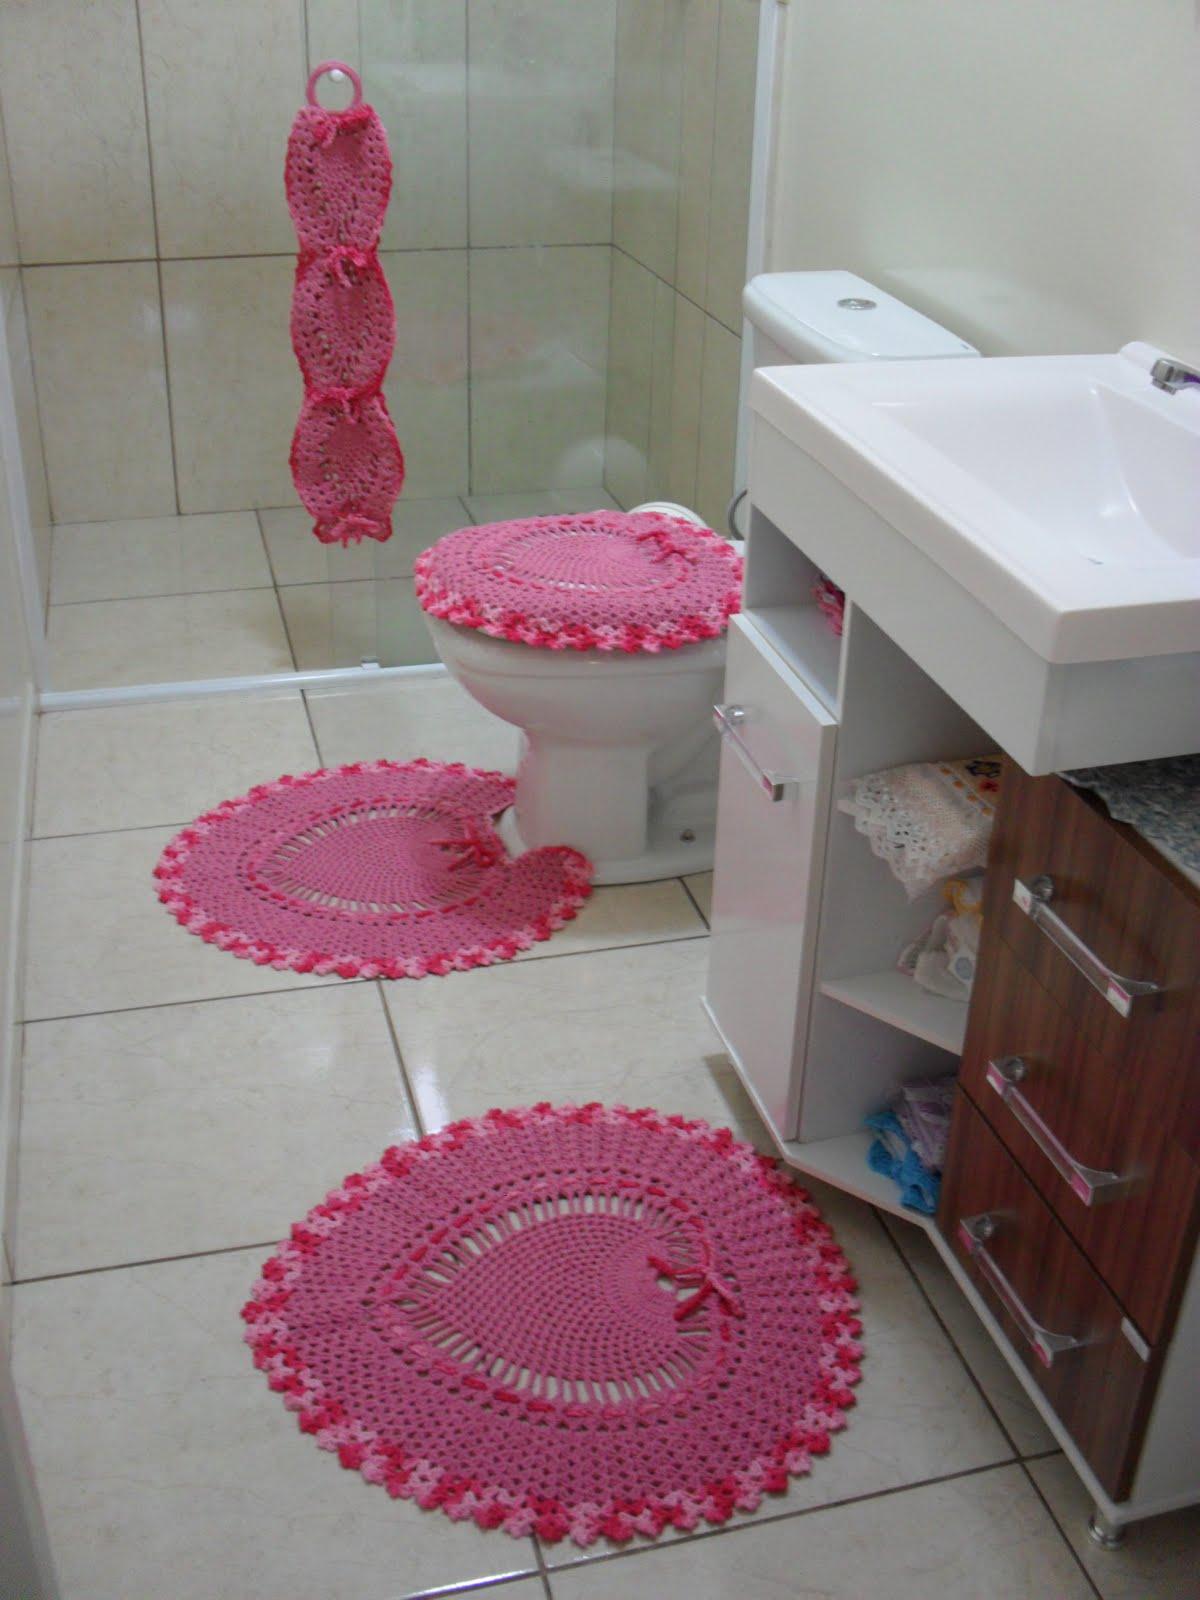 #943756 Jogo de banheiro coração rosa.: Crochet com Arte 1200x1600 px tapete para banheiro em l